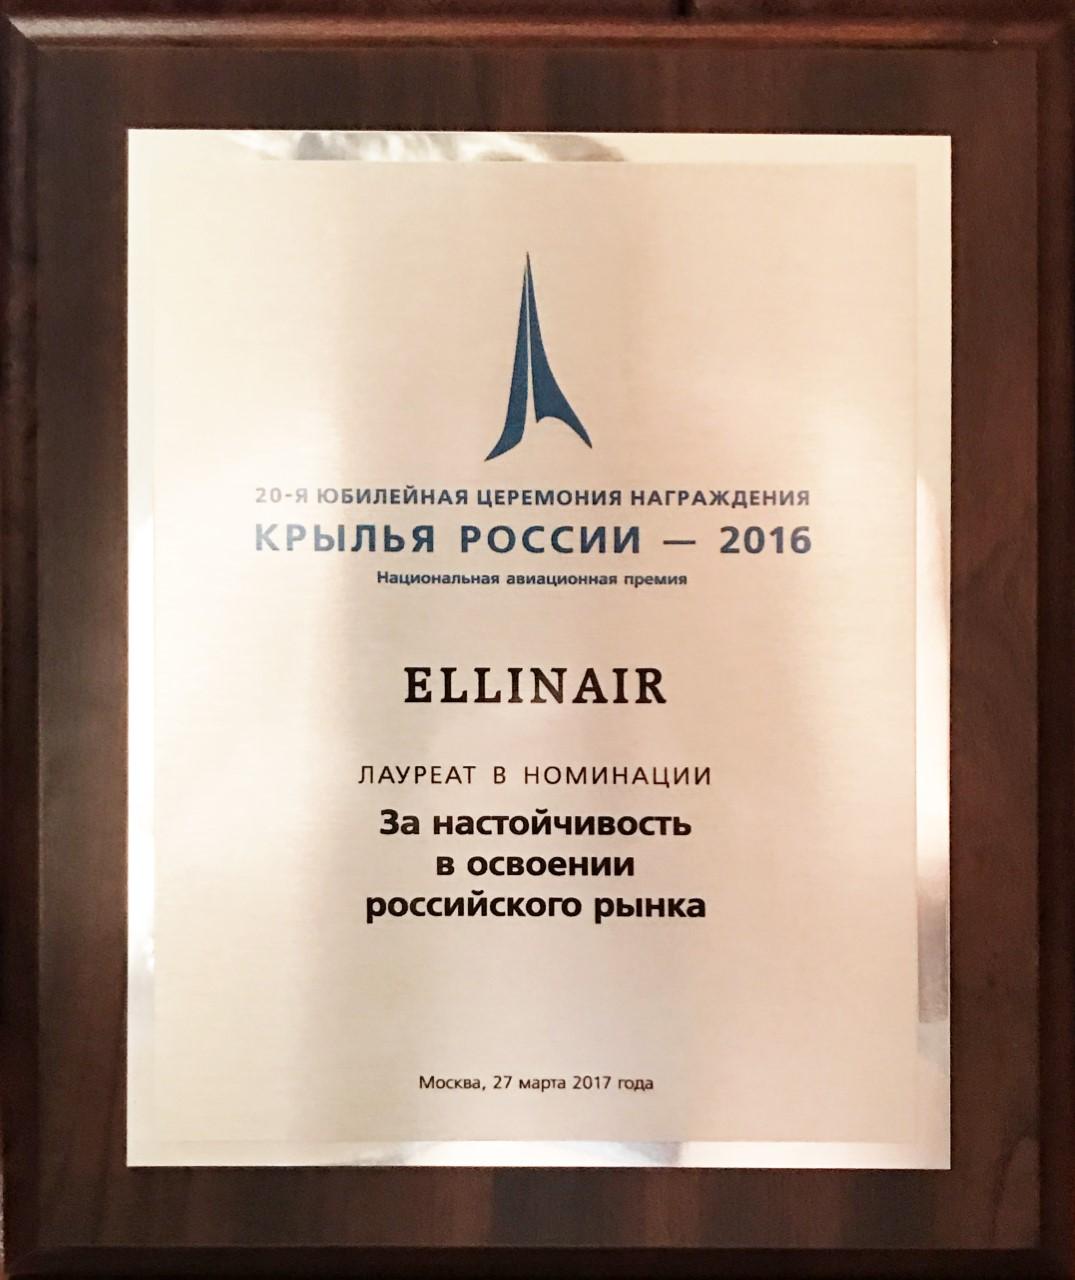 """Η Ellinair κέρδισε το βραβείο της """"πιο δυναμικής στρατηγικής ανάπτυξης στη Ρωσική αγορά""""!"""